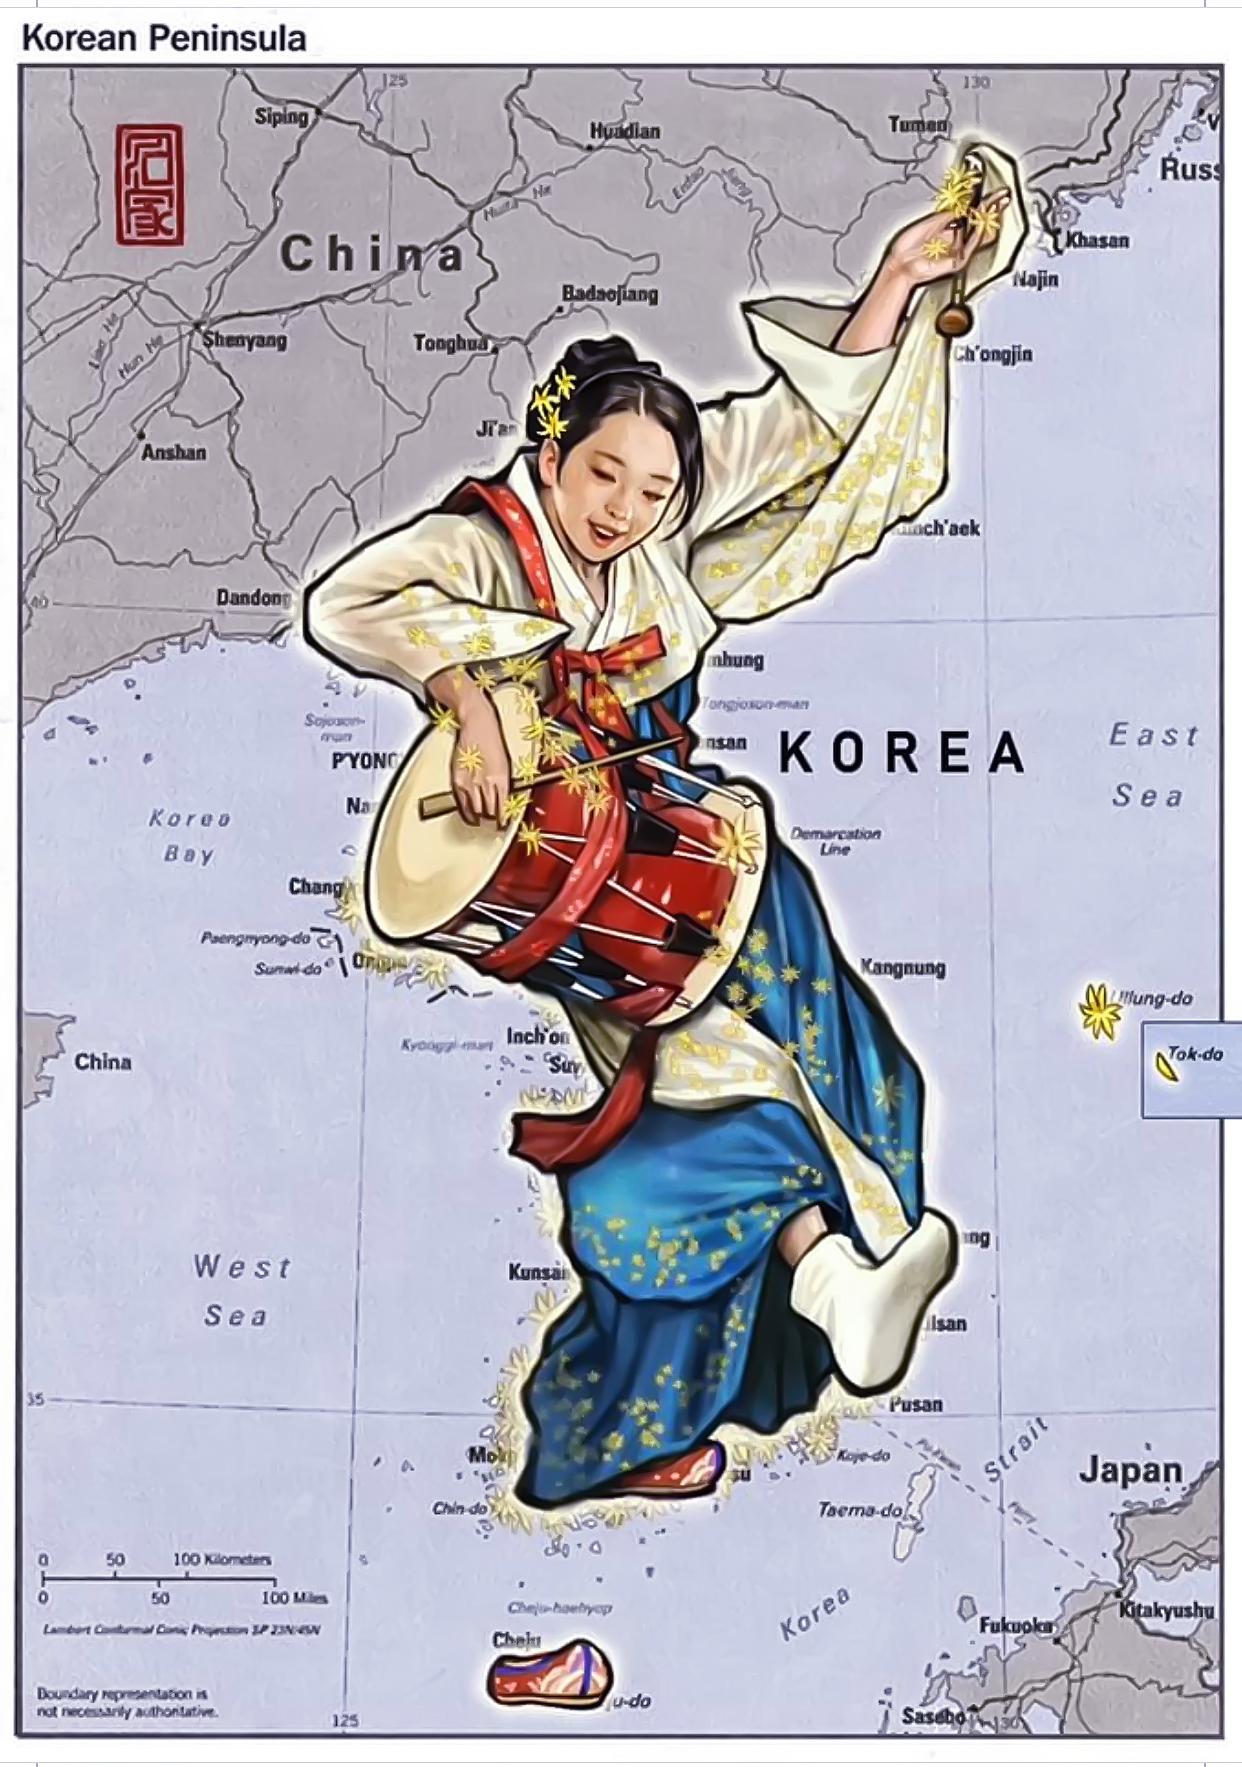 석정현 화백의 Art map